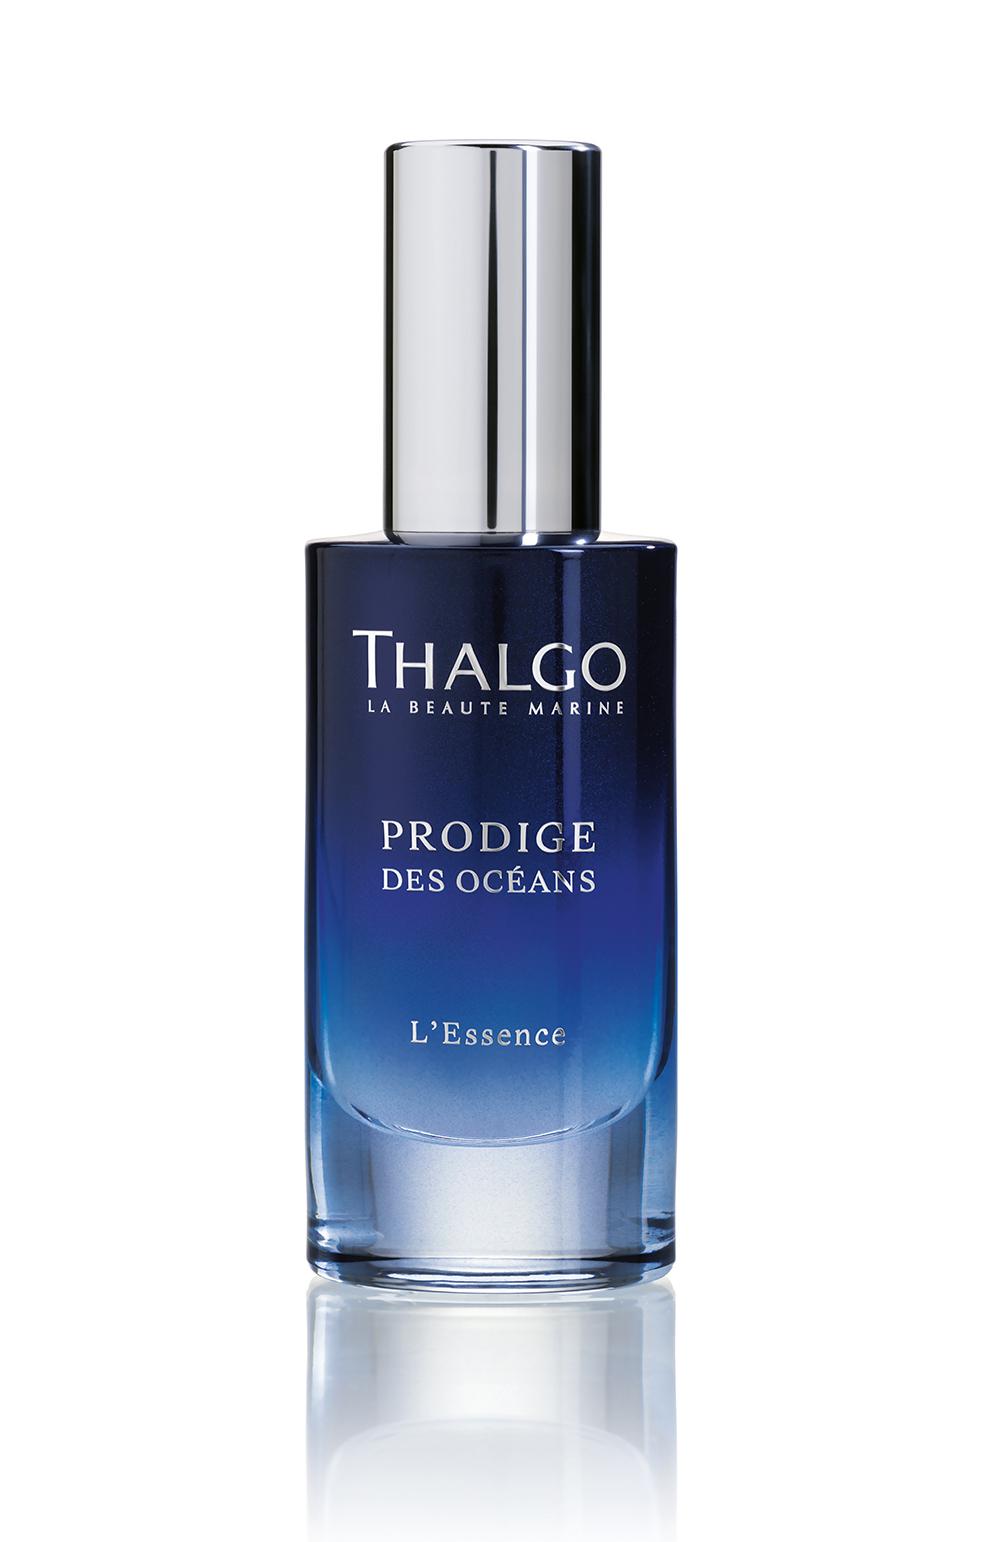 Thalgo Интенсивная регенерирующая морская сыворотка Prodige des oceans essence